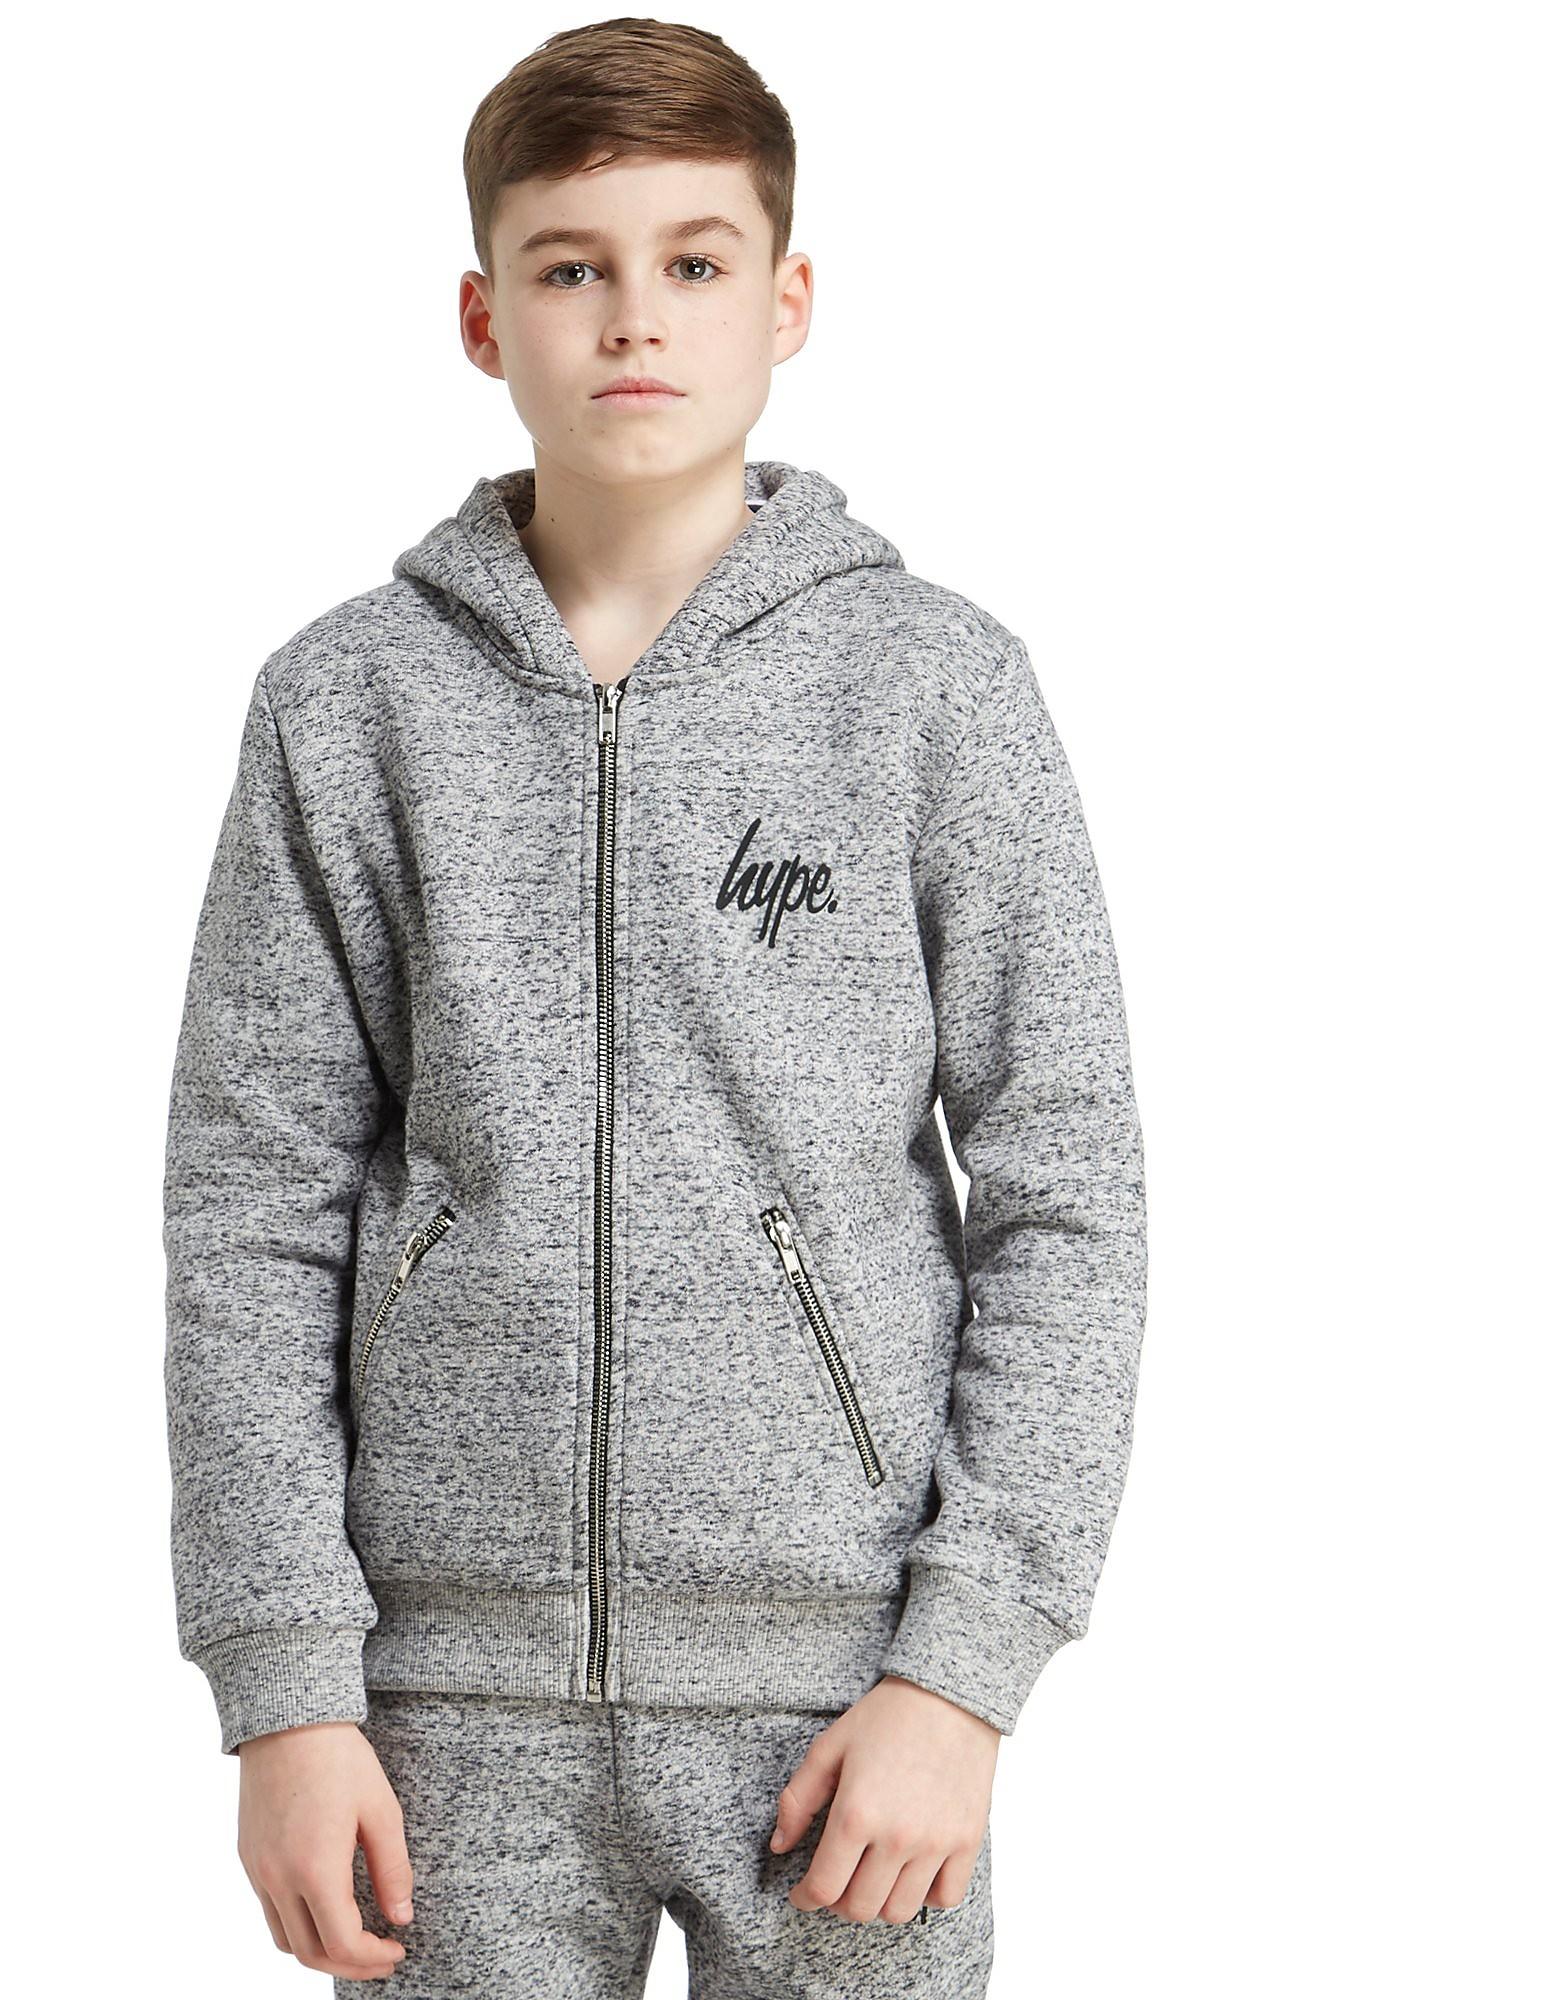 Hype Zip Pocket Hoodie Junior